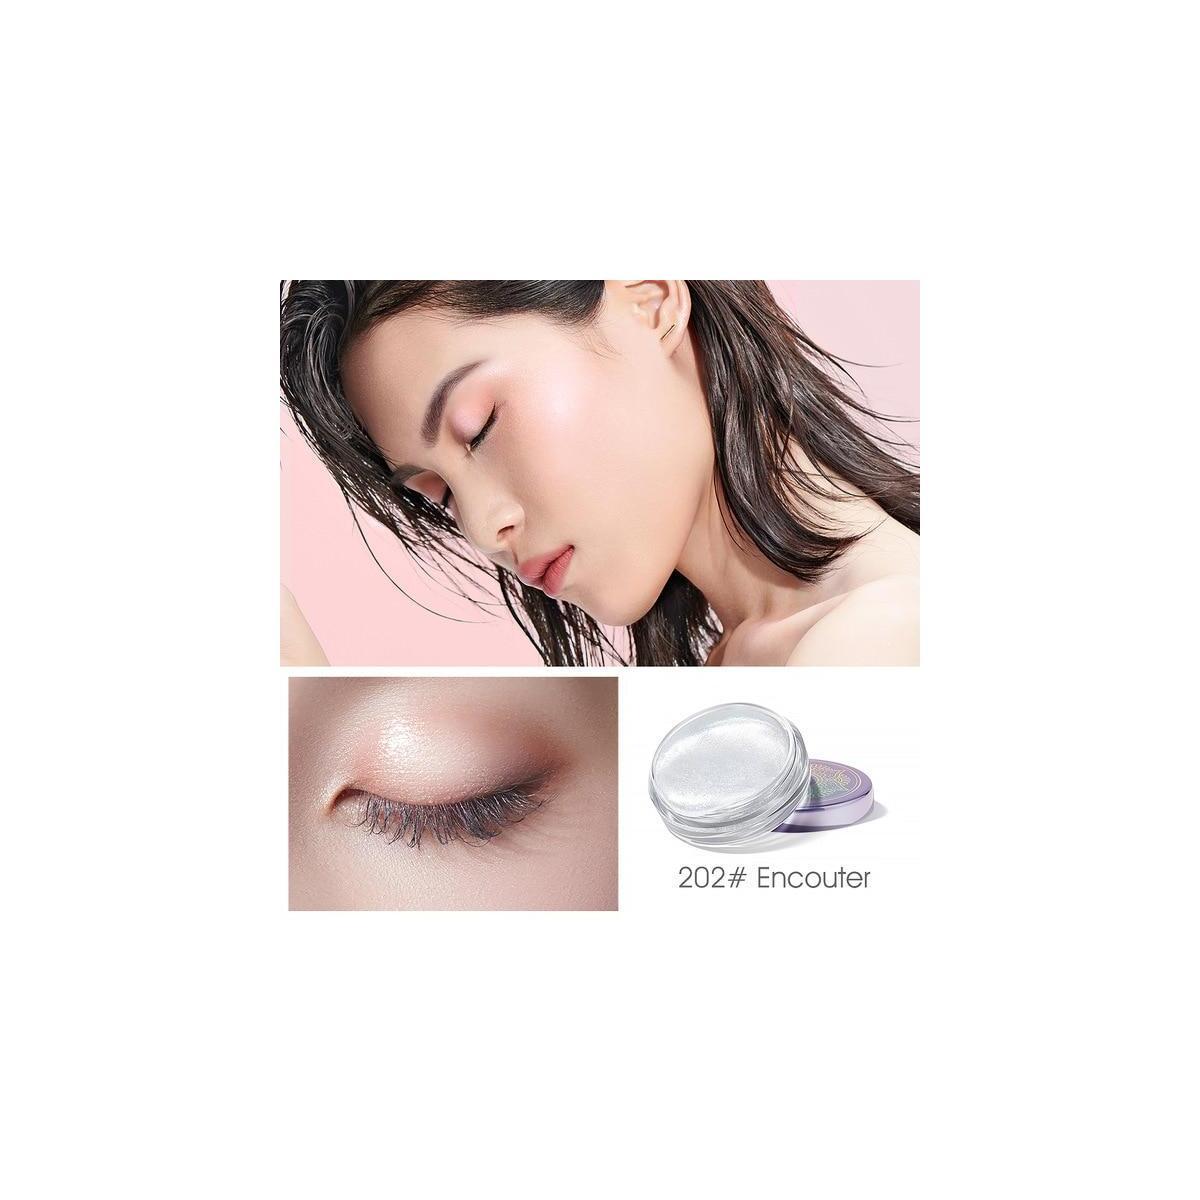 ZEEZEA New Honey & Beauty 4 Colors Pigmented Liquid Eyeshadow, 202